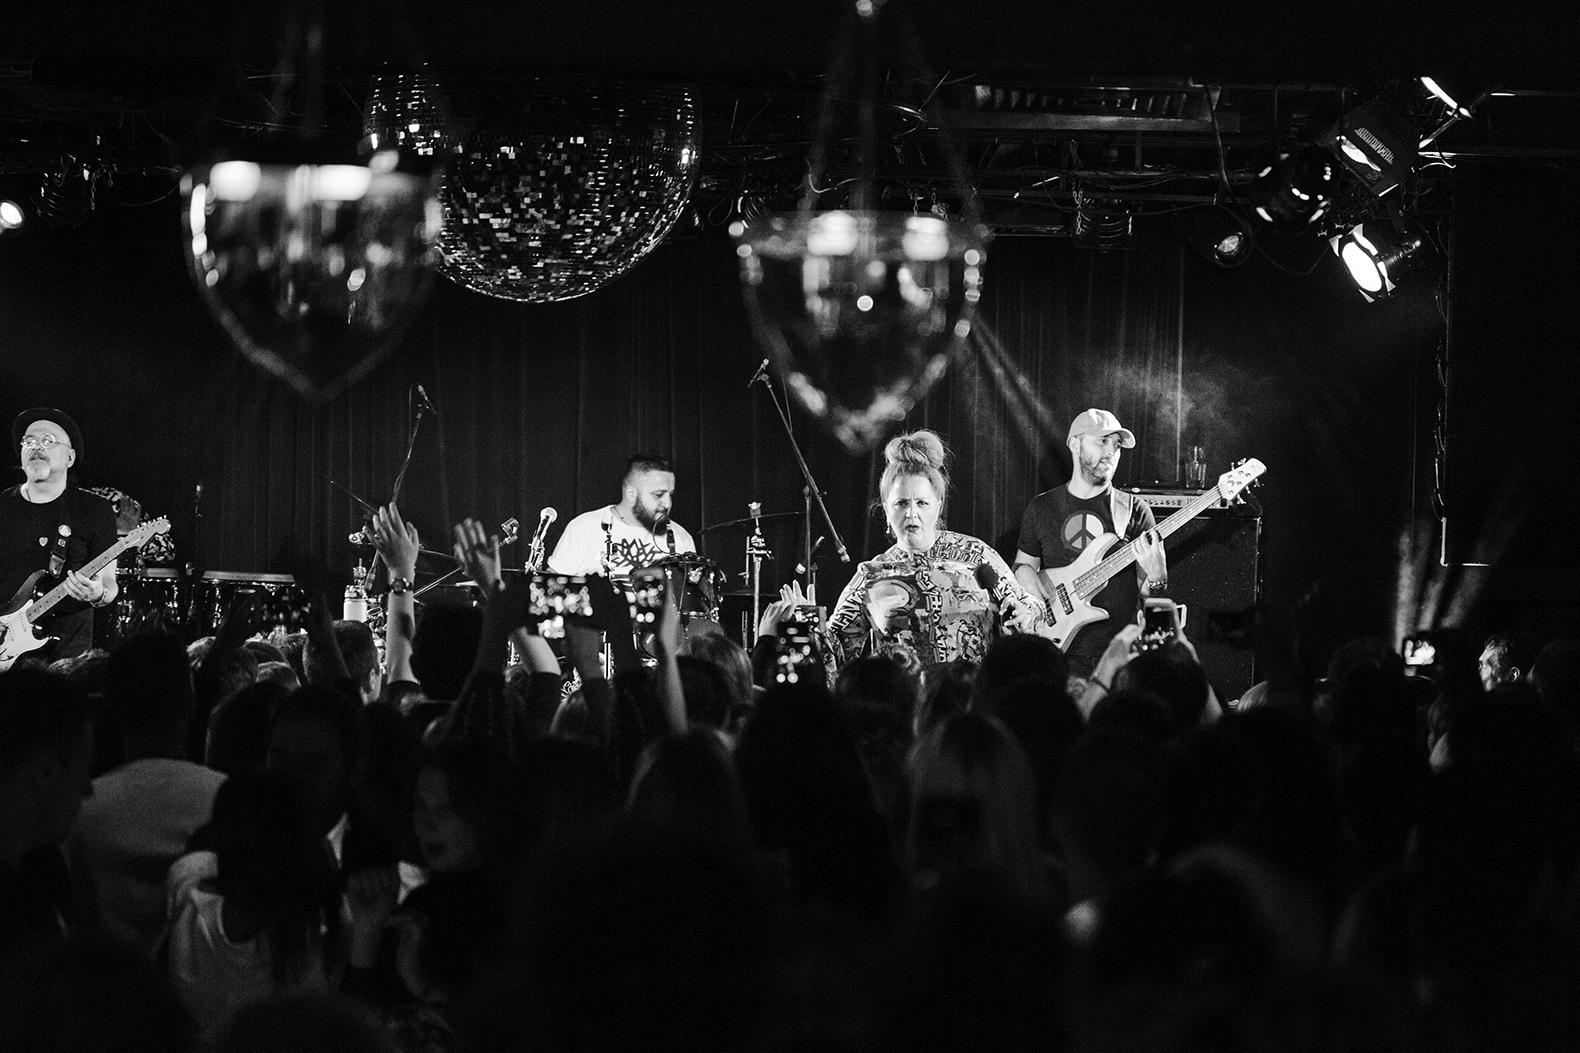 Фото Нино Катамадзе & Insight, Единственный клубный концерт